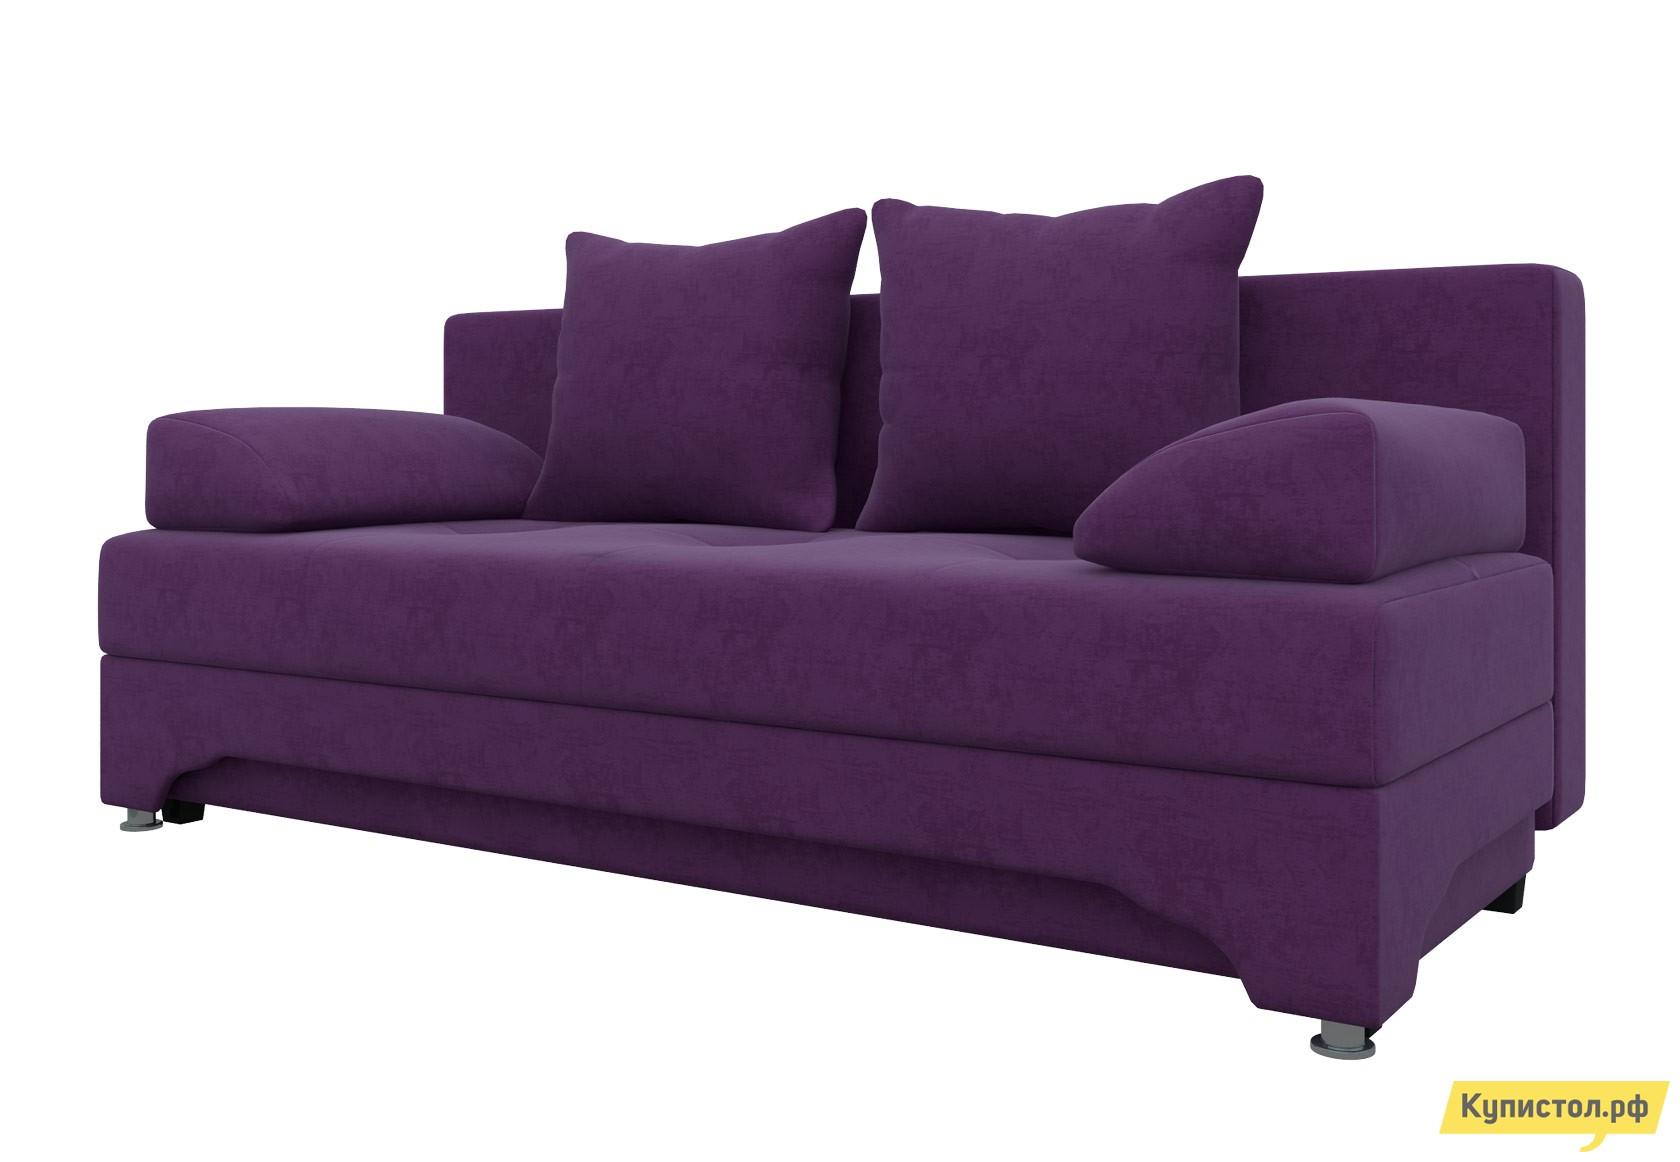 Диван Мебелико Ник-2 Фиолетовый микровельвет